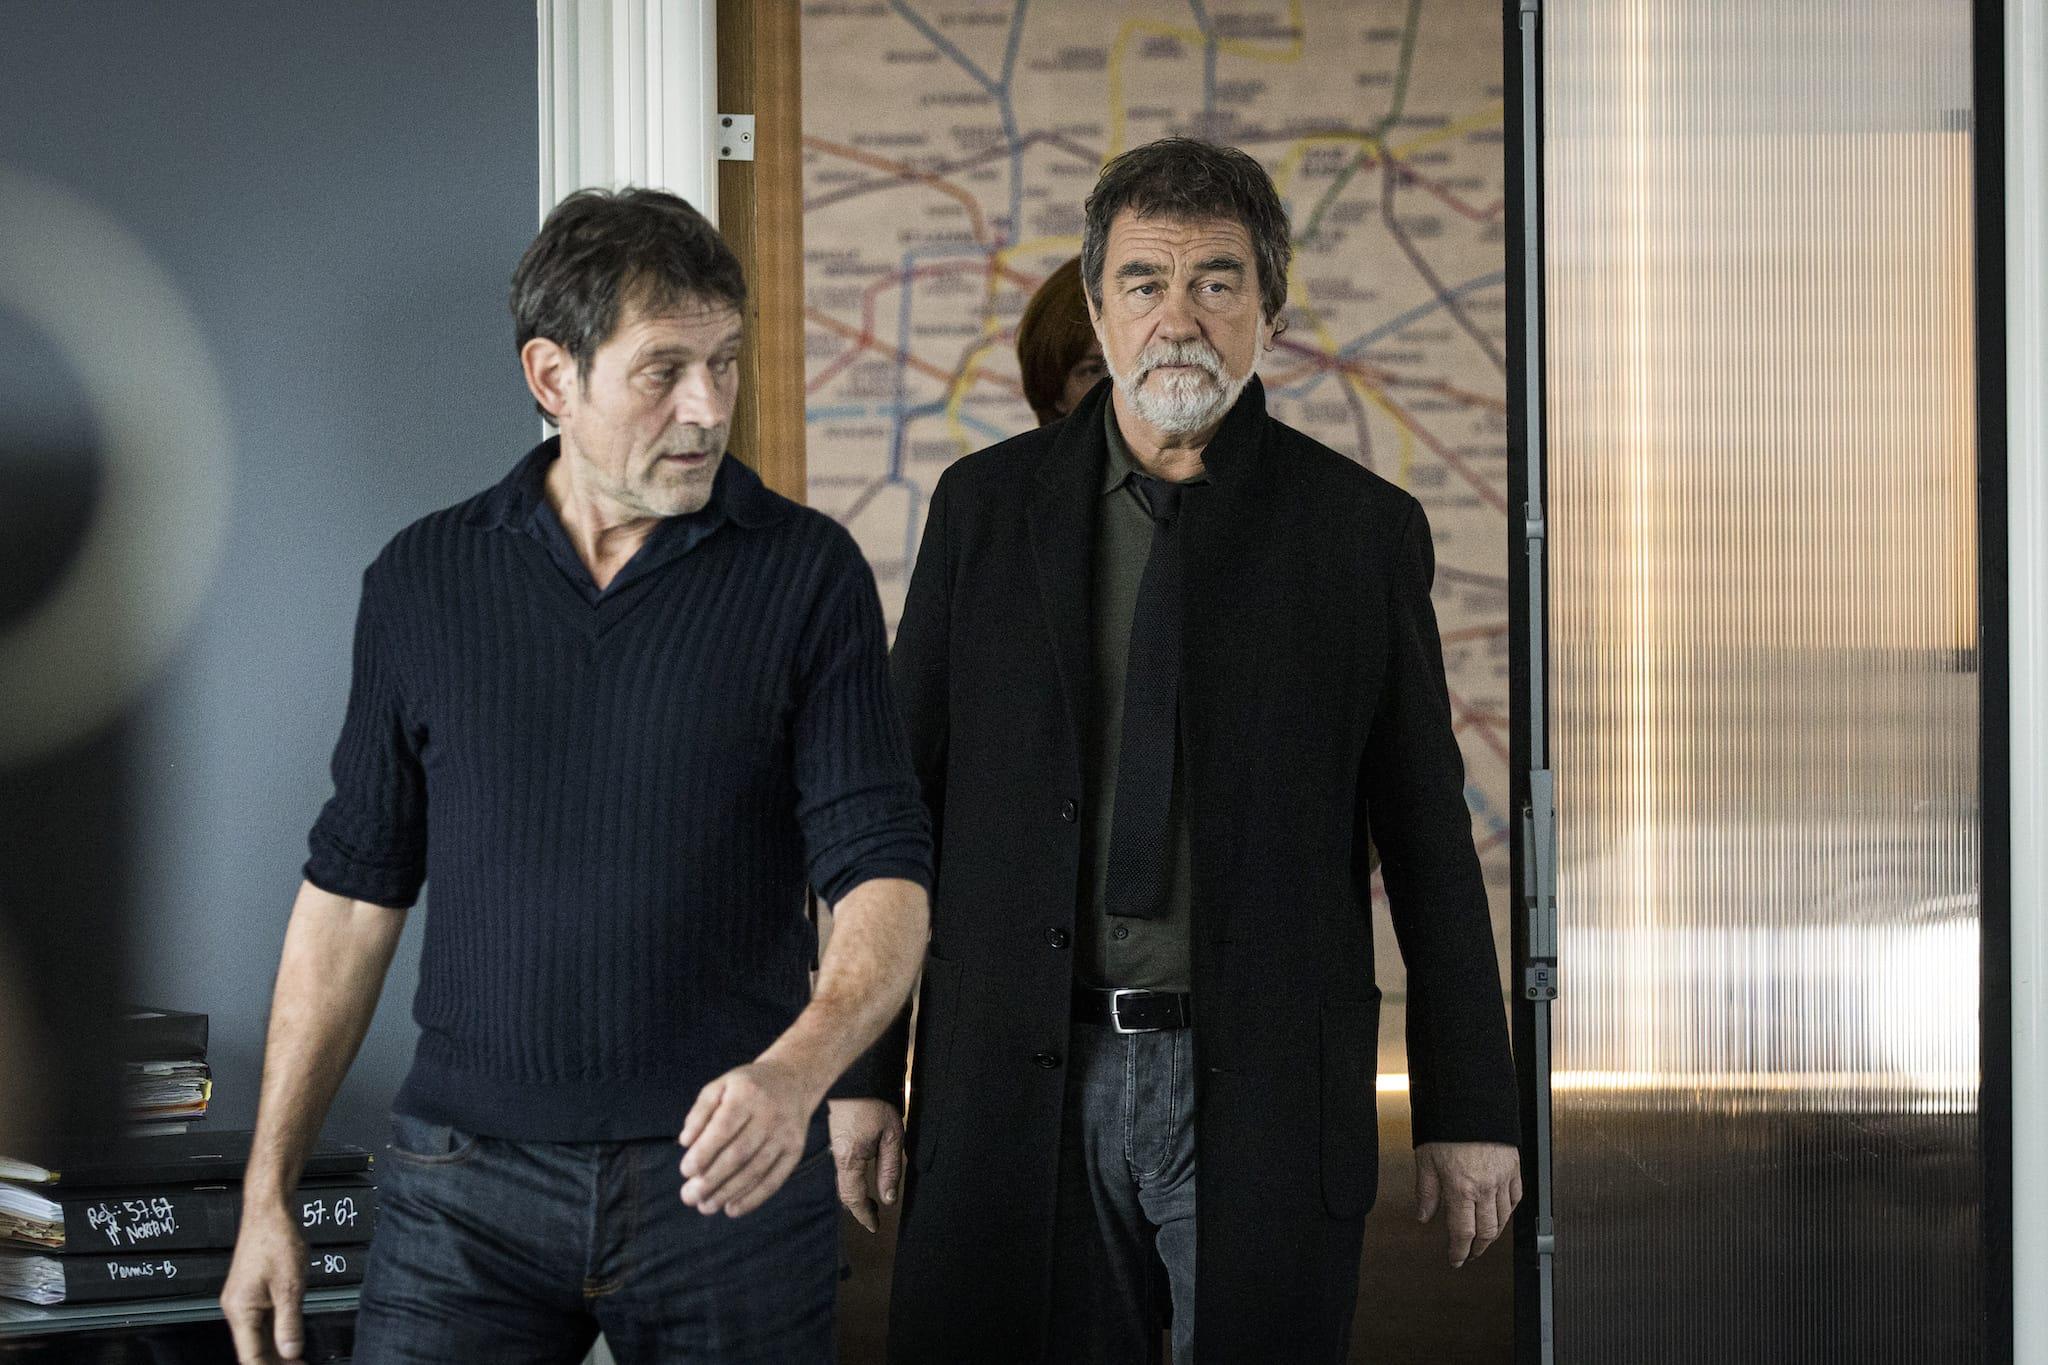 LES RIVIERES POURPRES saison 3 épisode 1 - Lune noire image série policière